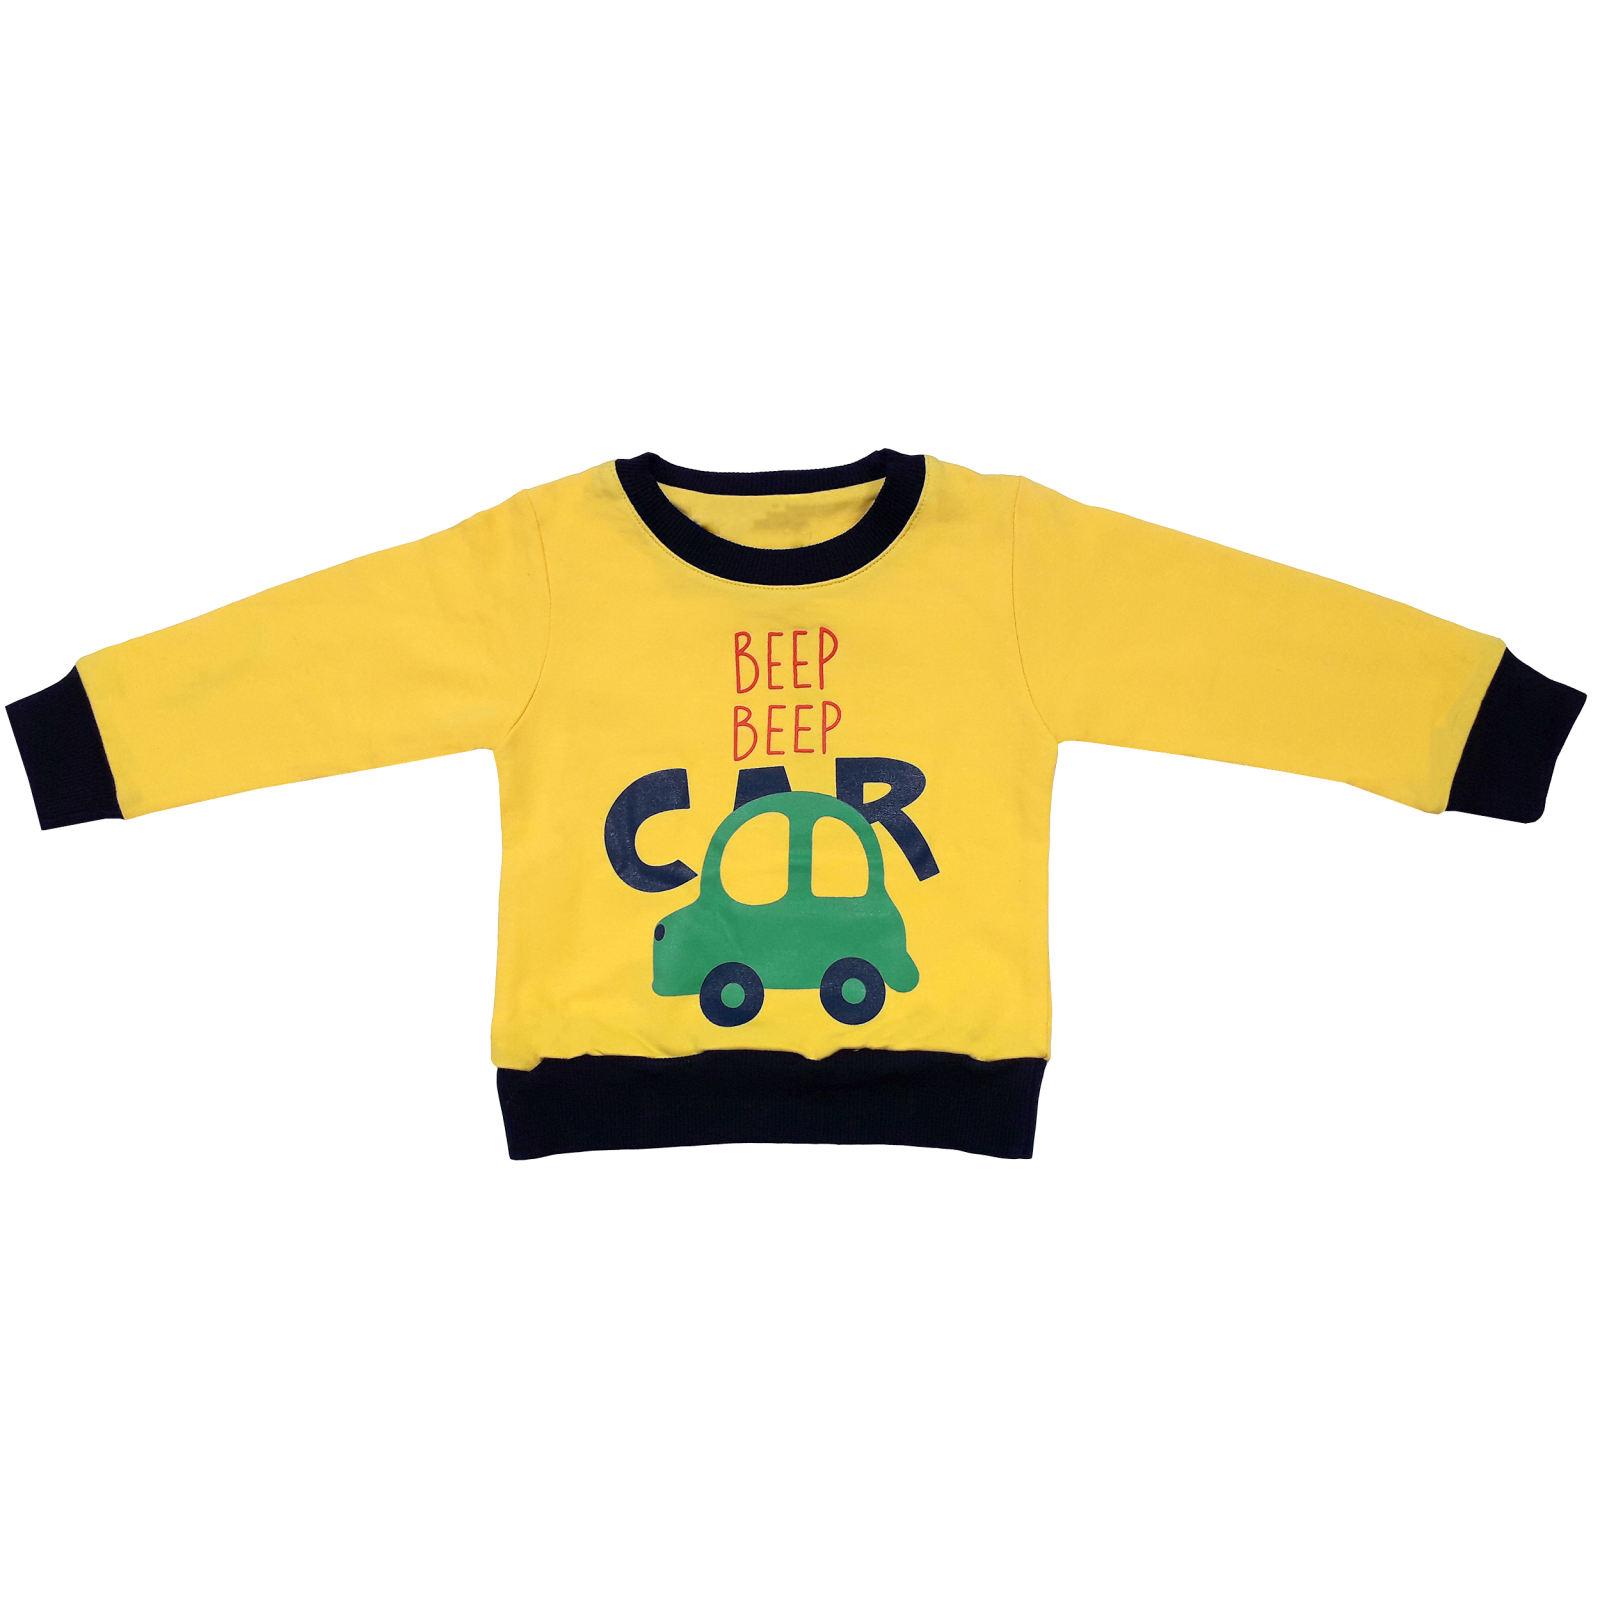 ست سویشرت و شلوار پسرانه طرح ماشین کد 3077 رنگ زرد -  - 4